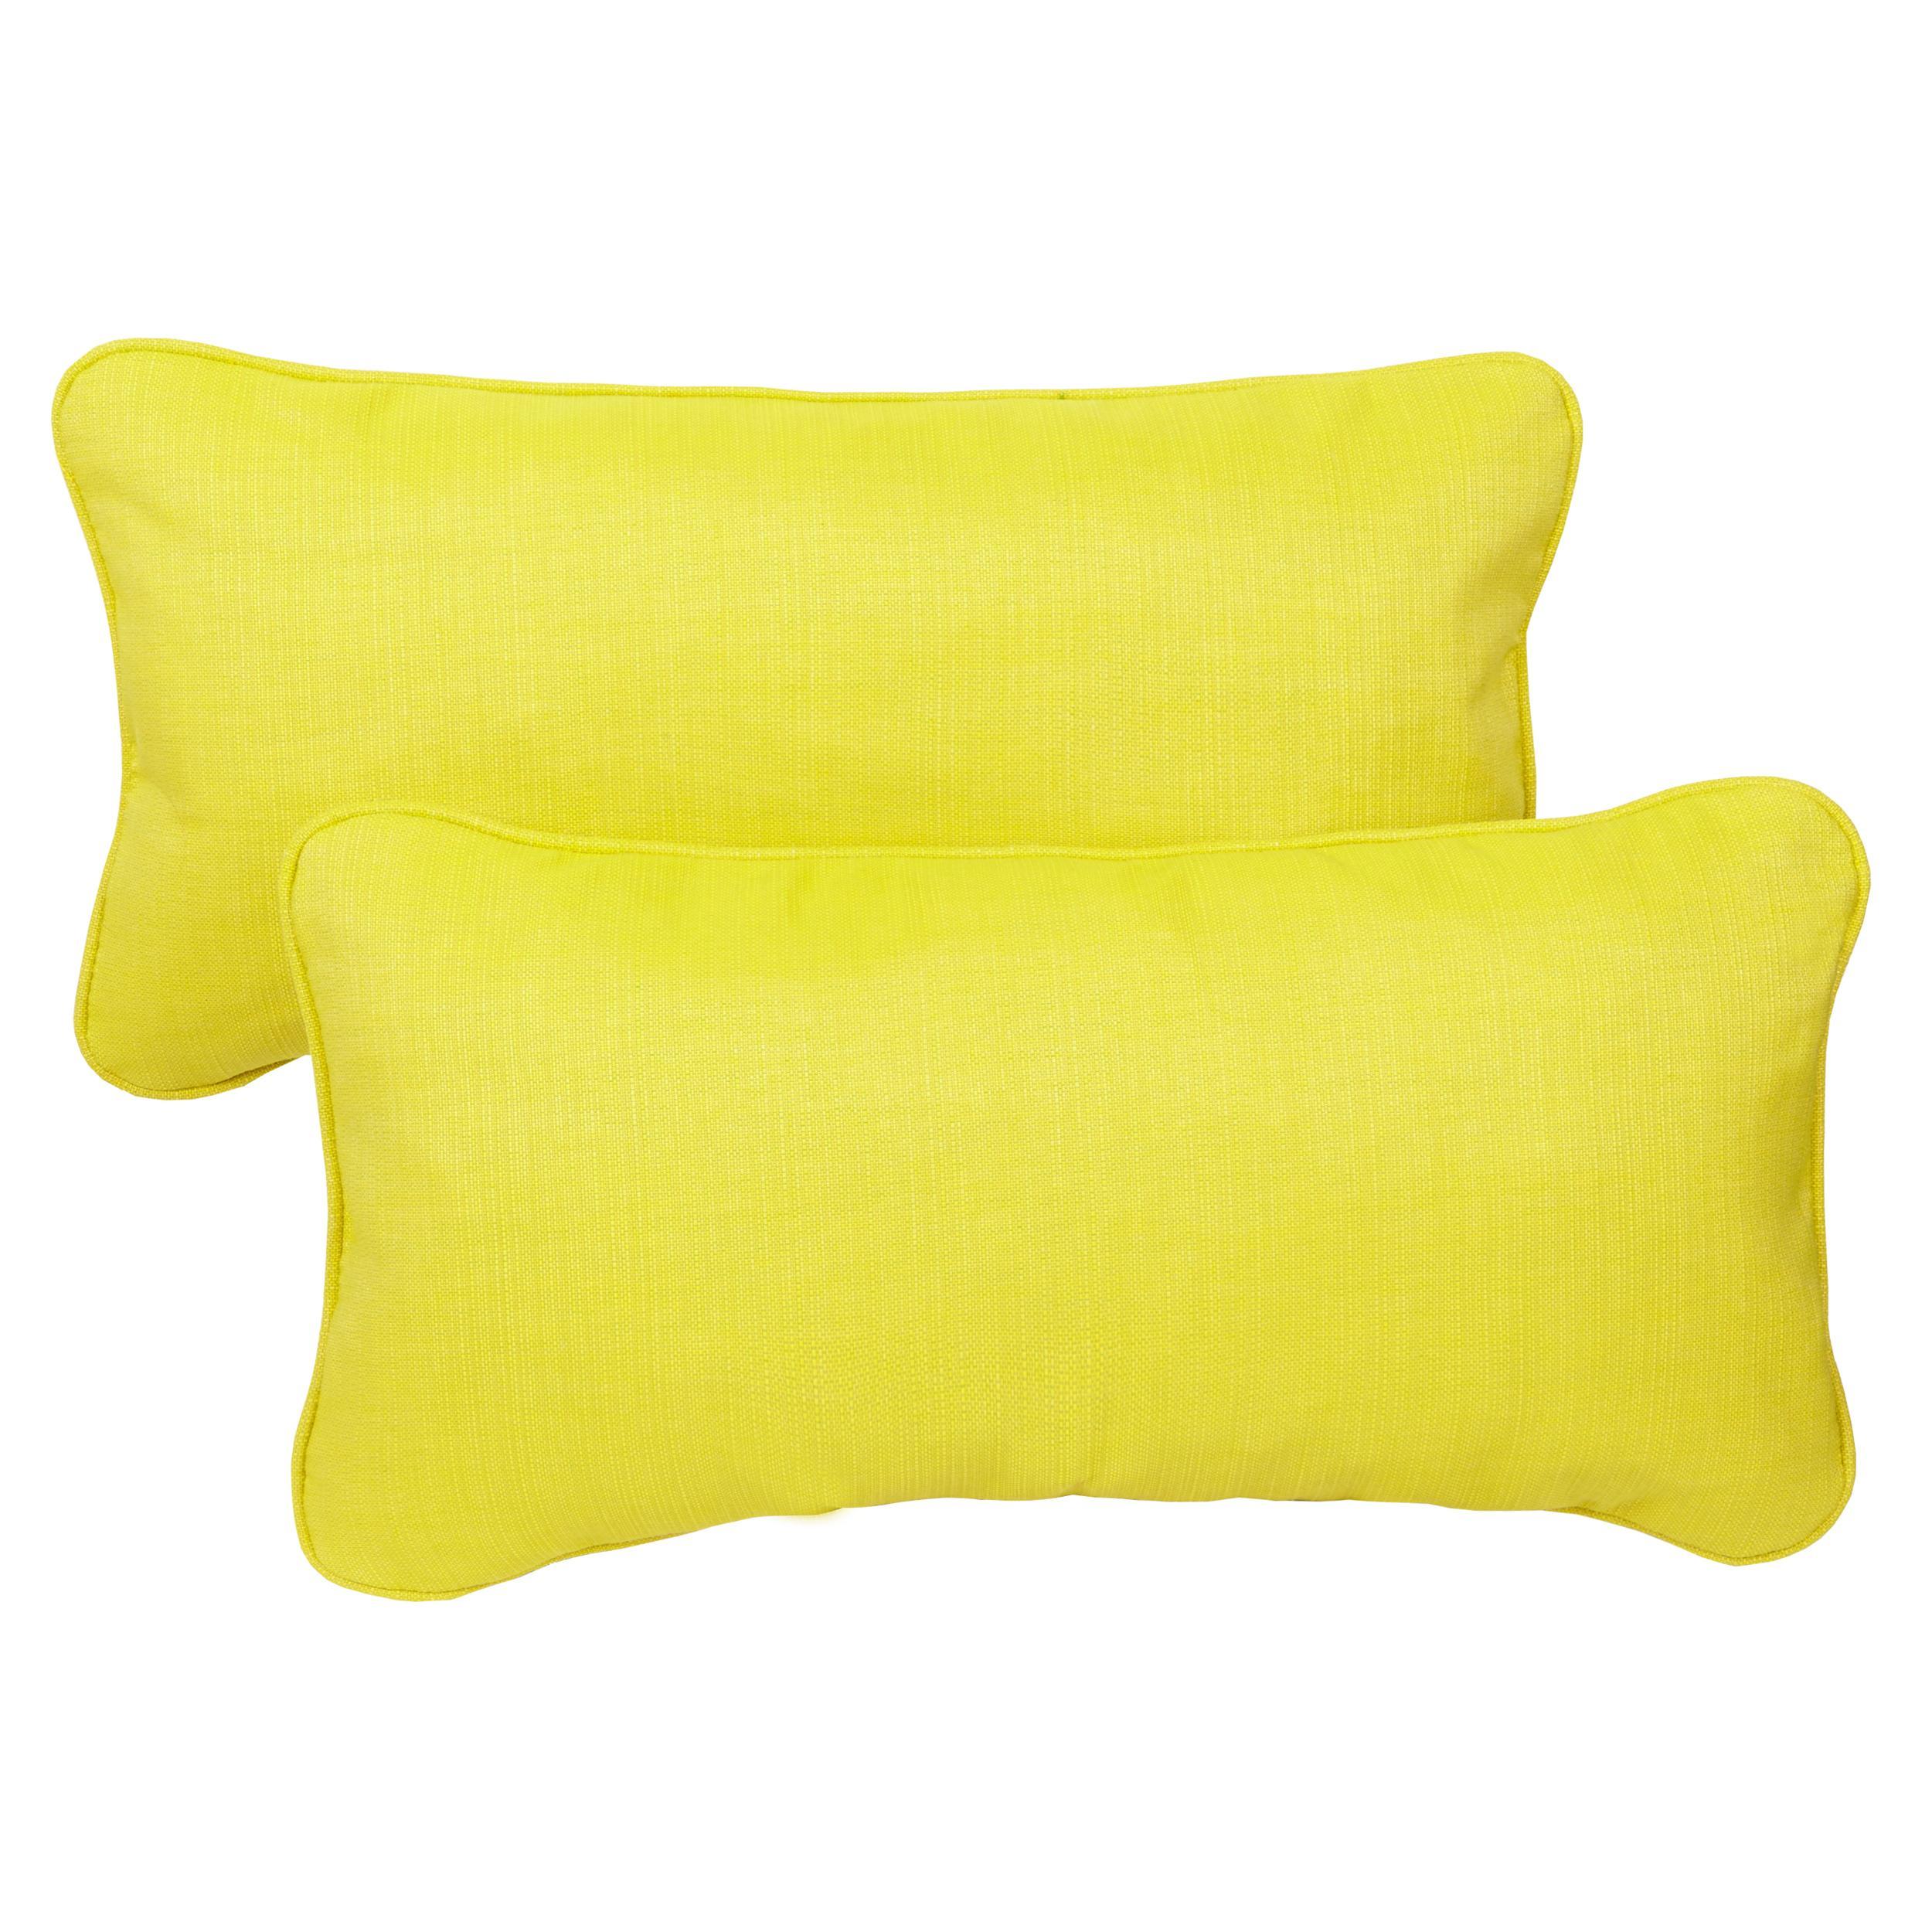 Outdoor Throw Pillows Yellow : Amazon.com : Mozaic Corded Indoor/Outdoor Lumbar Throw Pillows, 12 by 24-Inch, Yellow/Green, Set ...